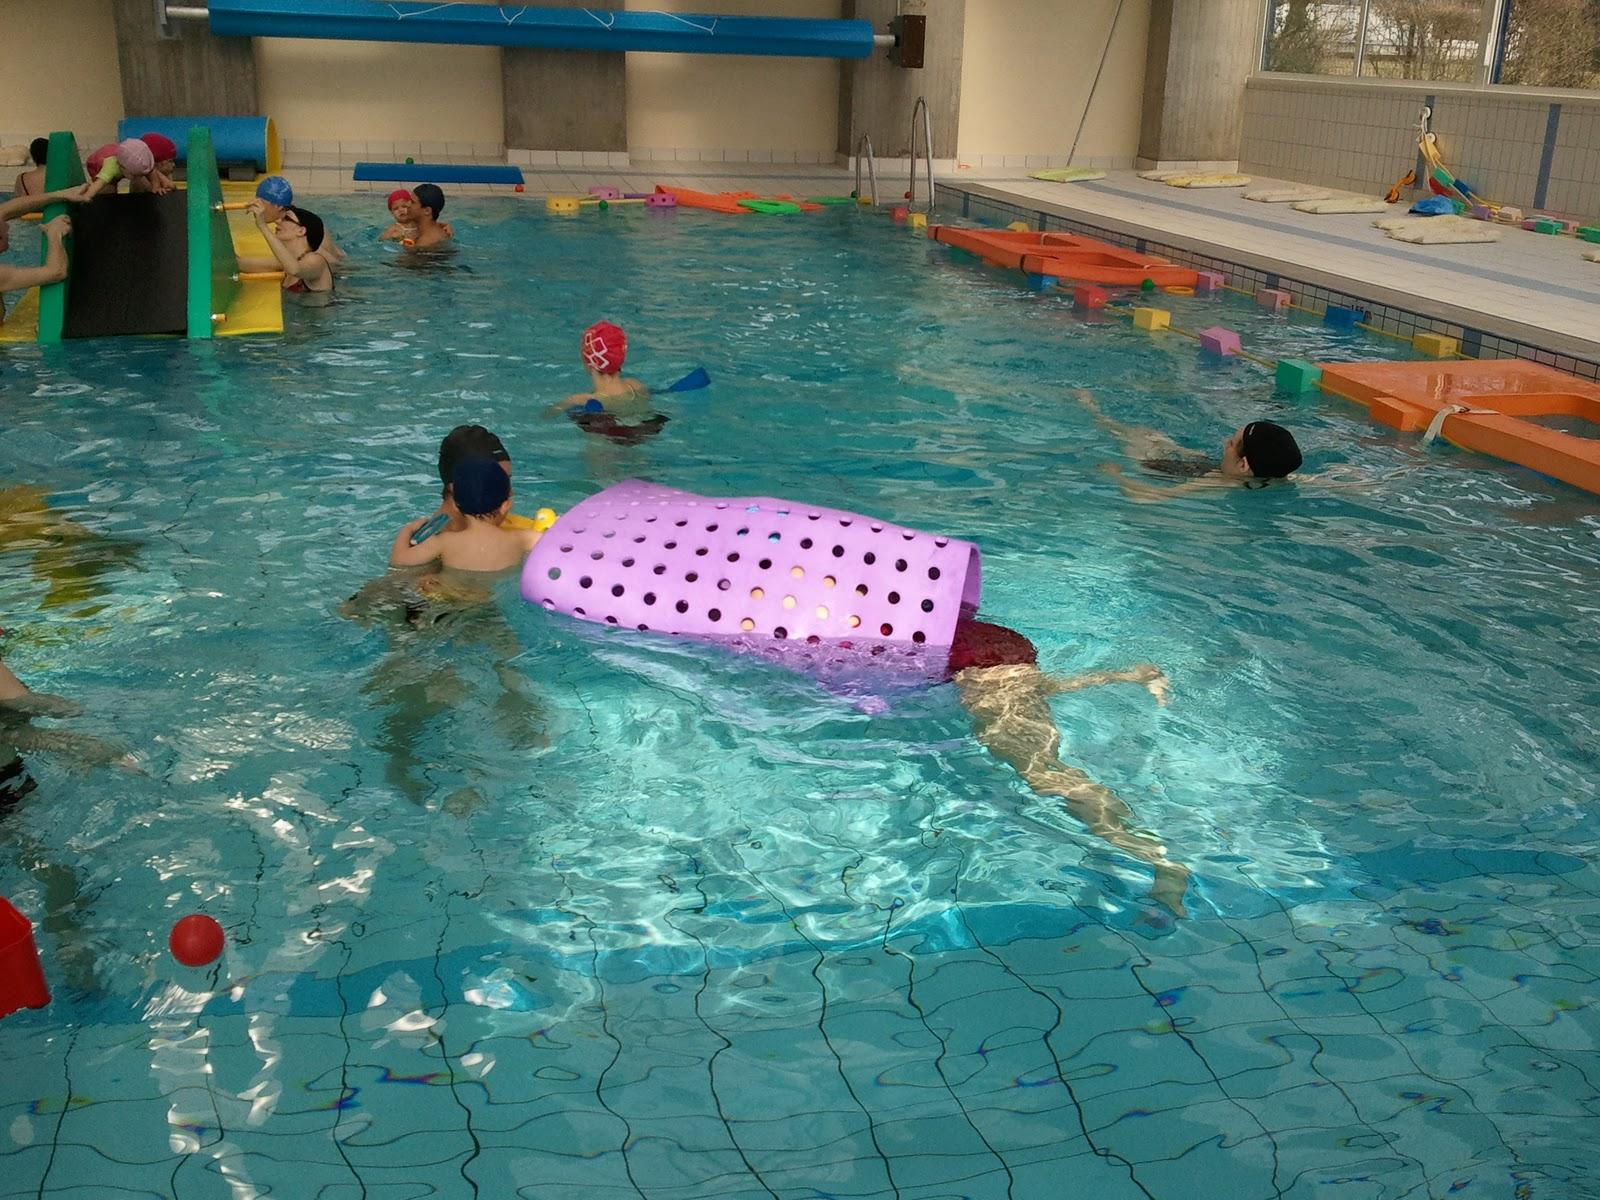 bassin aménagé pour les bébés nageurs